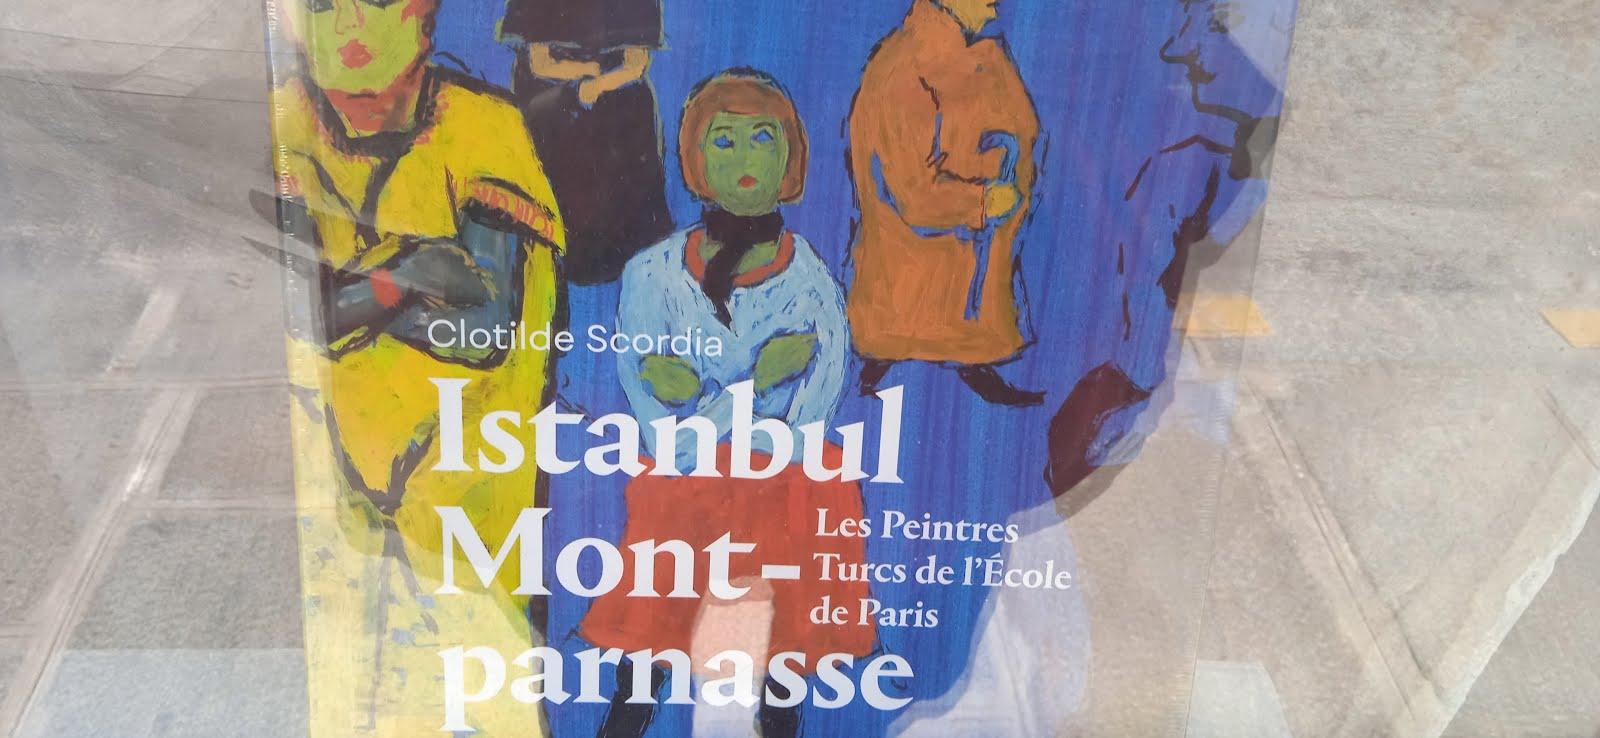 Tourkish painters ecole de paris